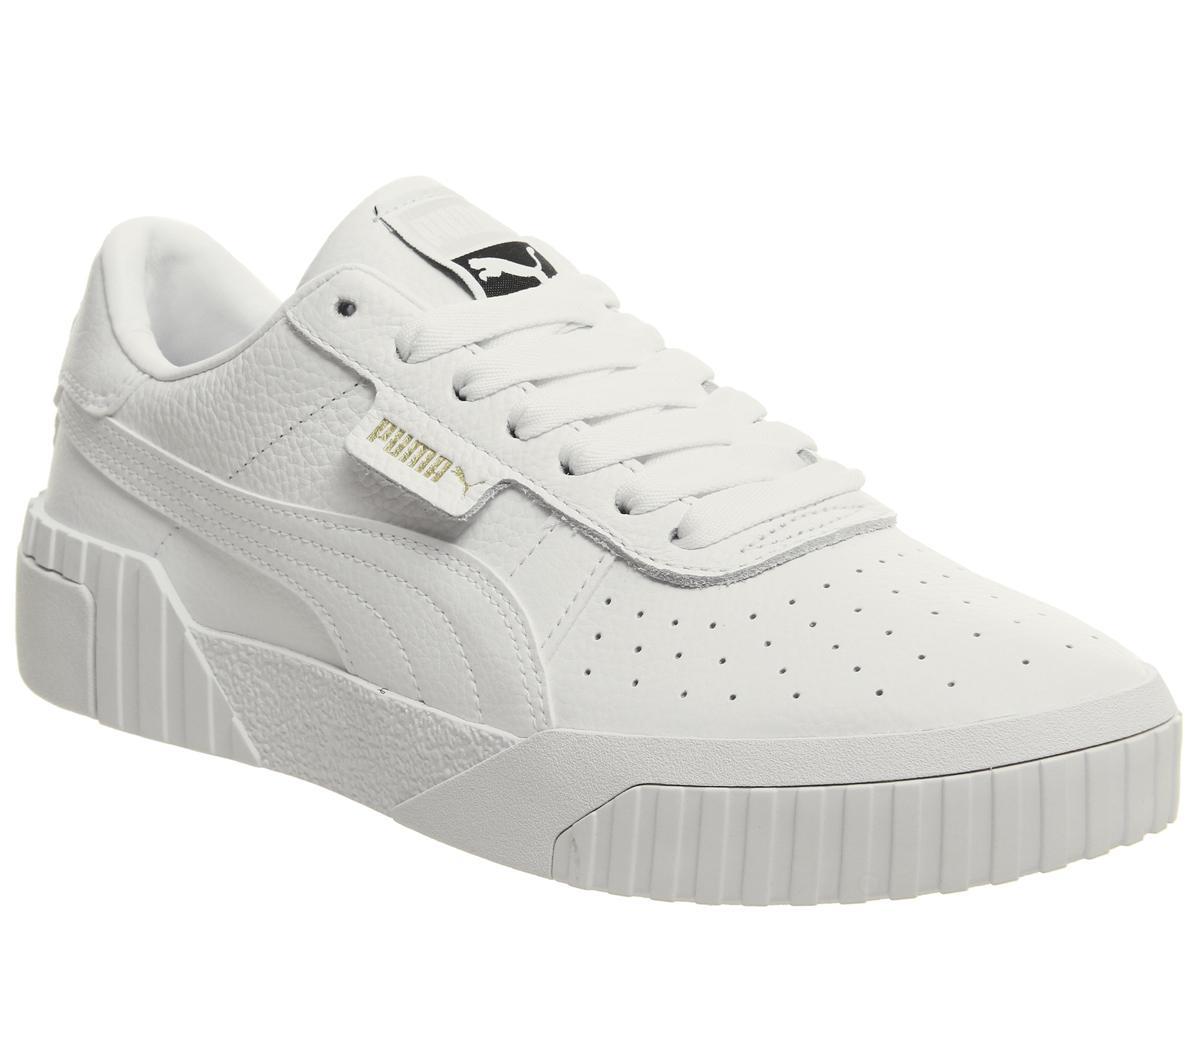 Sneaker Zspumqv Trainers White Damen Cali Puma m8wvNn0